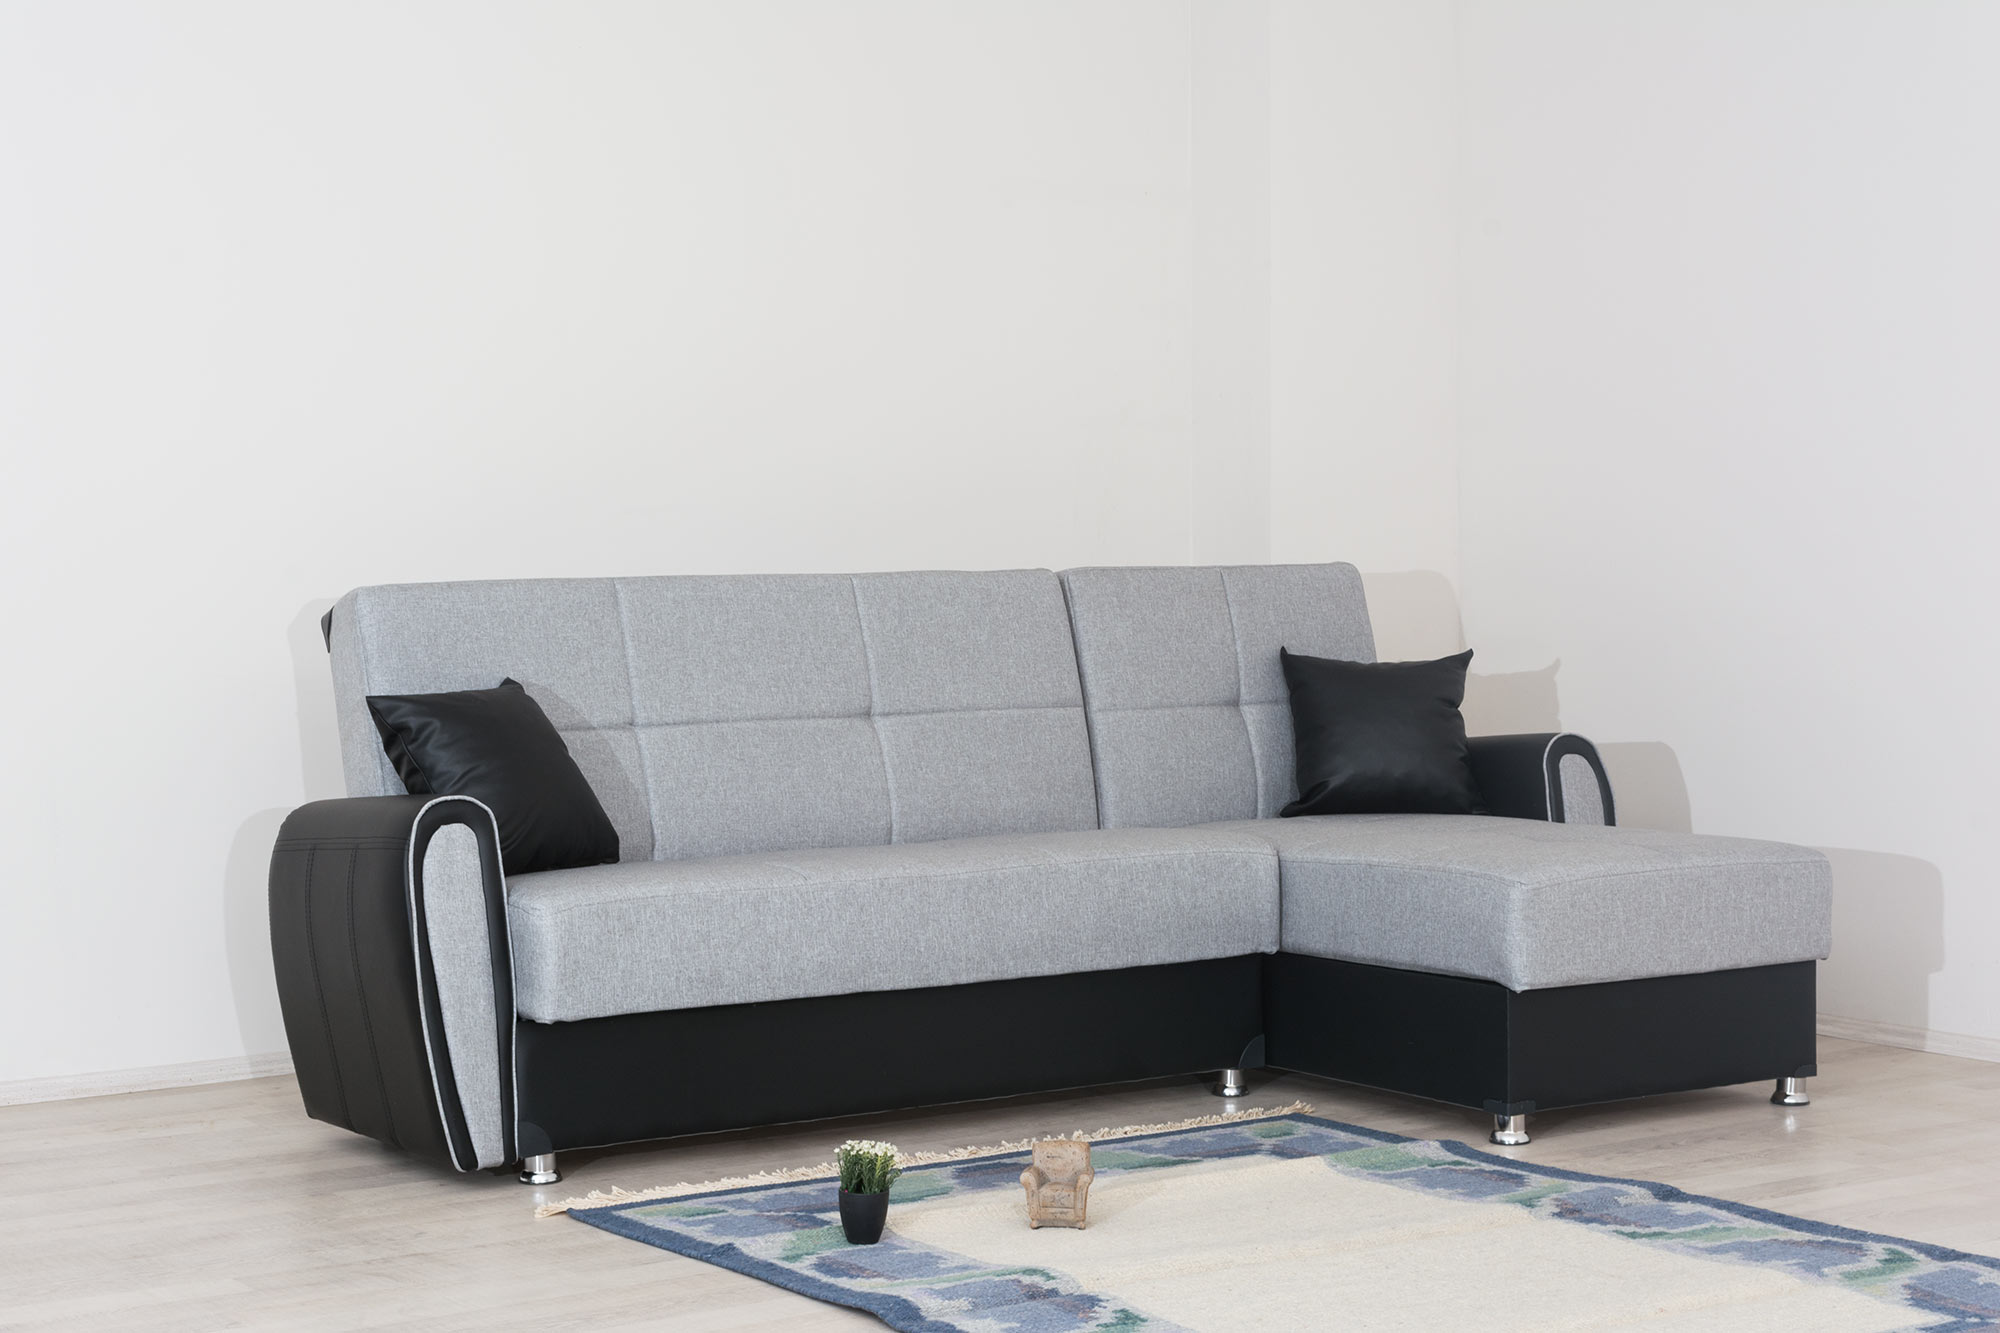 Угловой диван с 2 ящиками для белья модель Зила